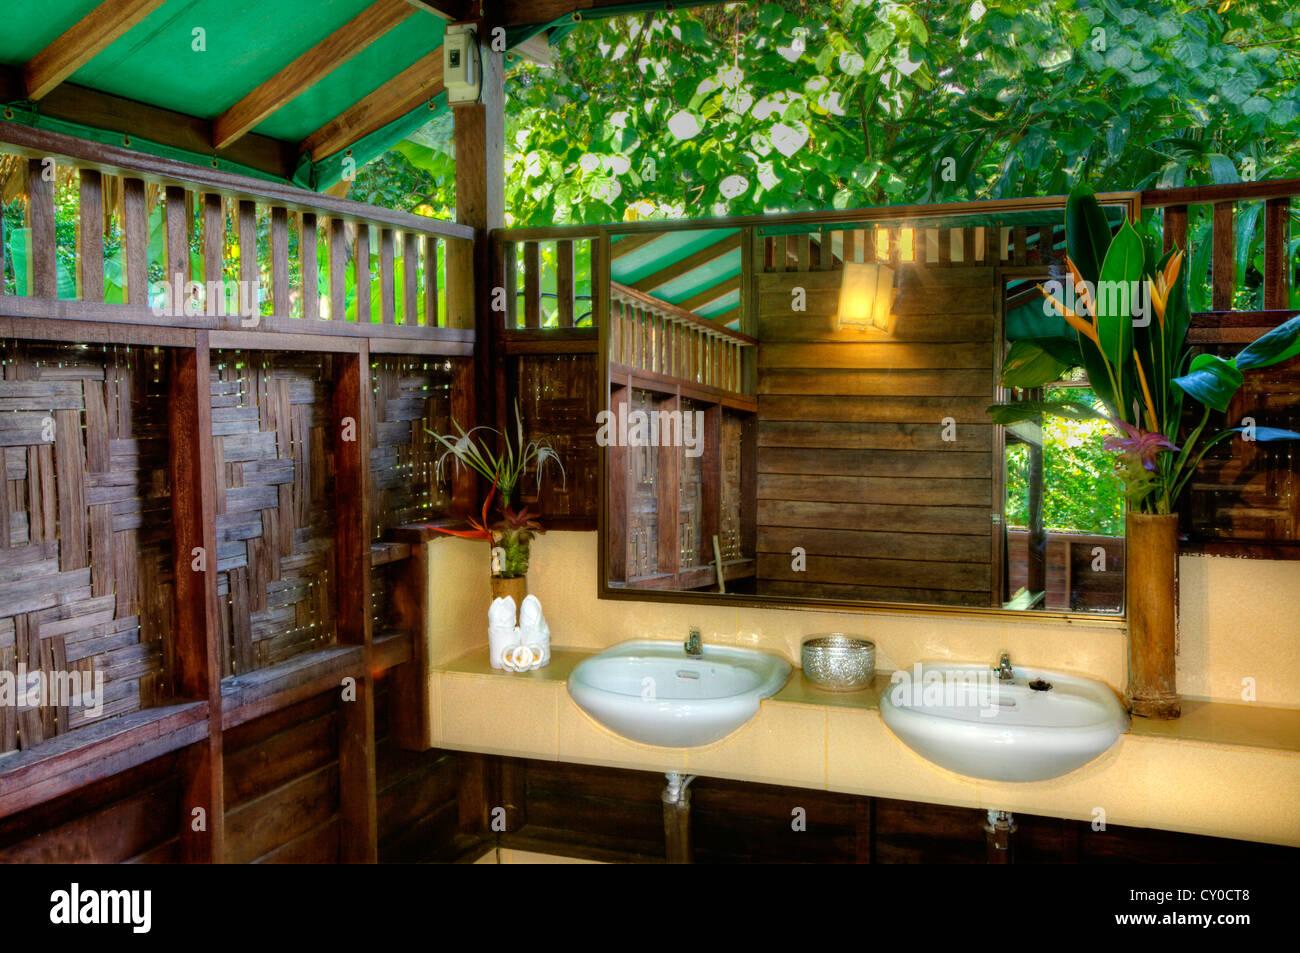 Carrelage Salle De Bain Jungle ~ salle de bain jungle awesome nos ides pour une salle de bain qui